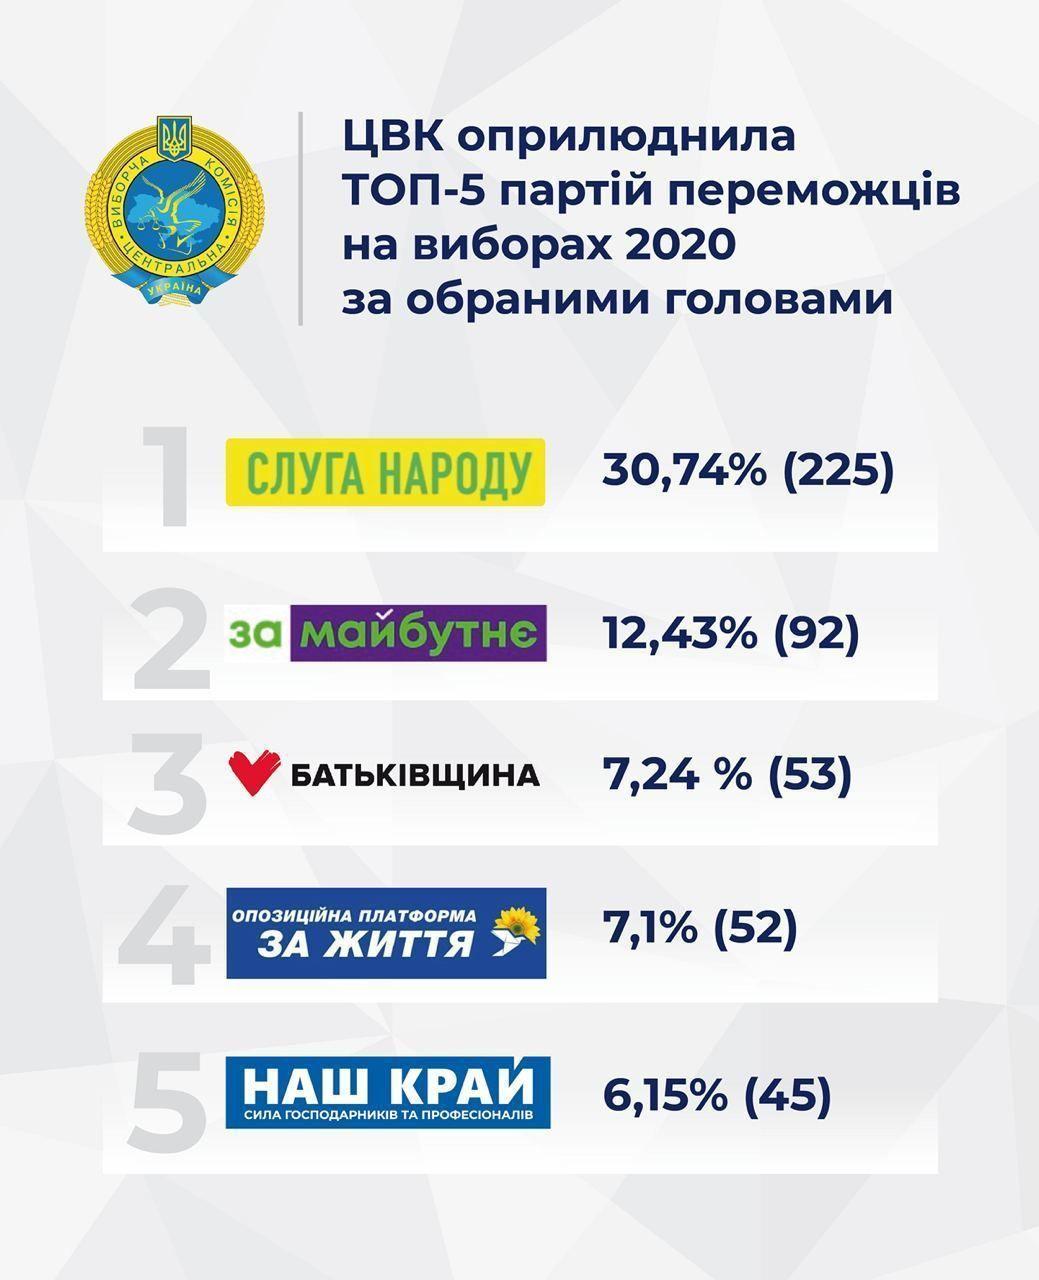 ЦВК щодо партій-переможців реклама 2